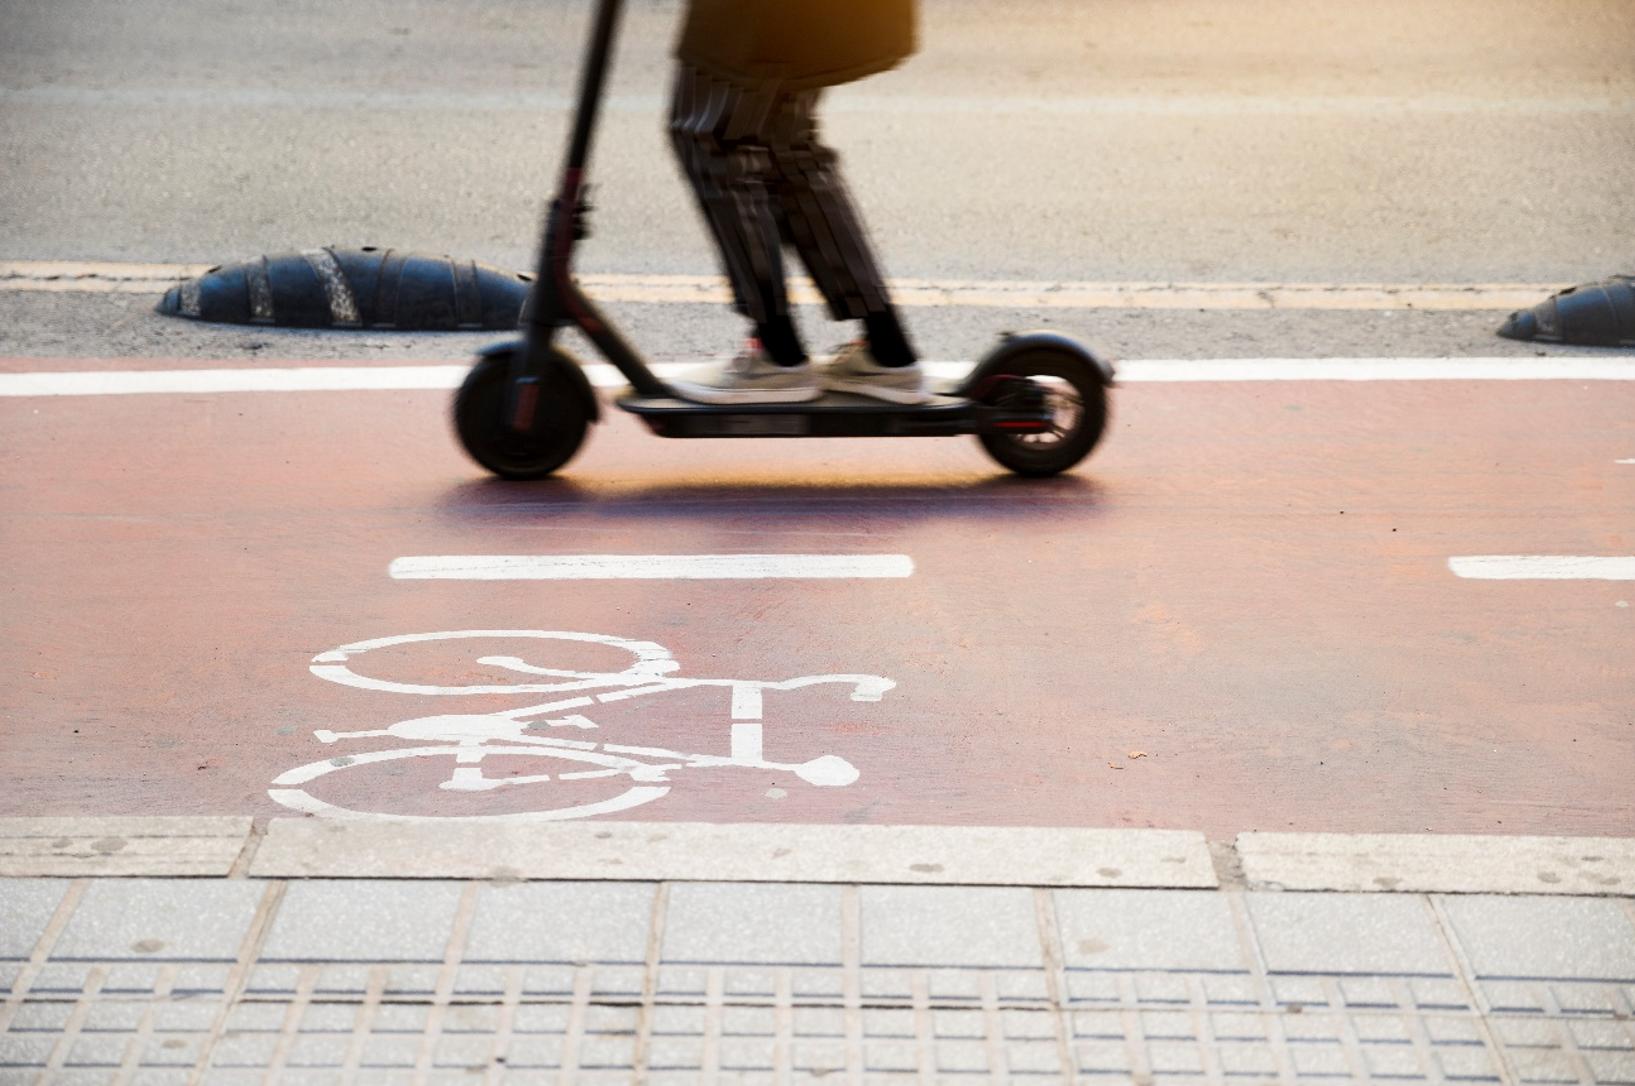 patinetes eléctricos por la vía carril